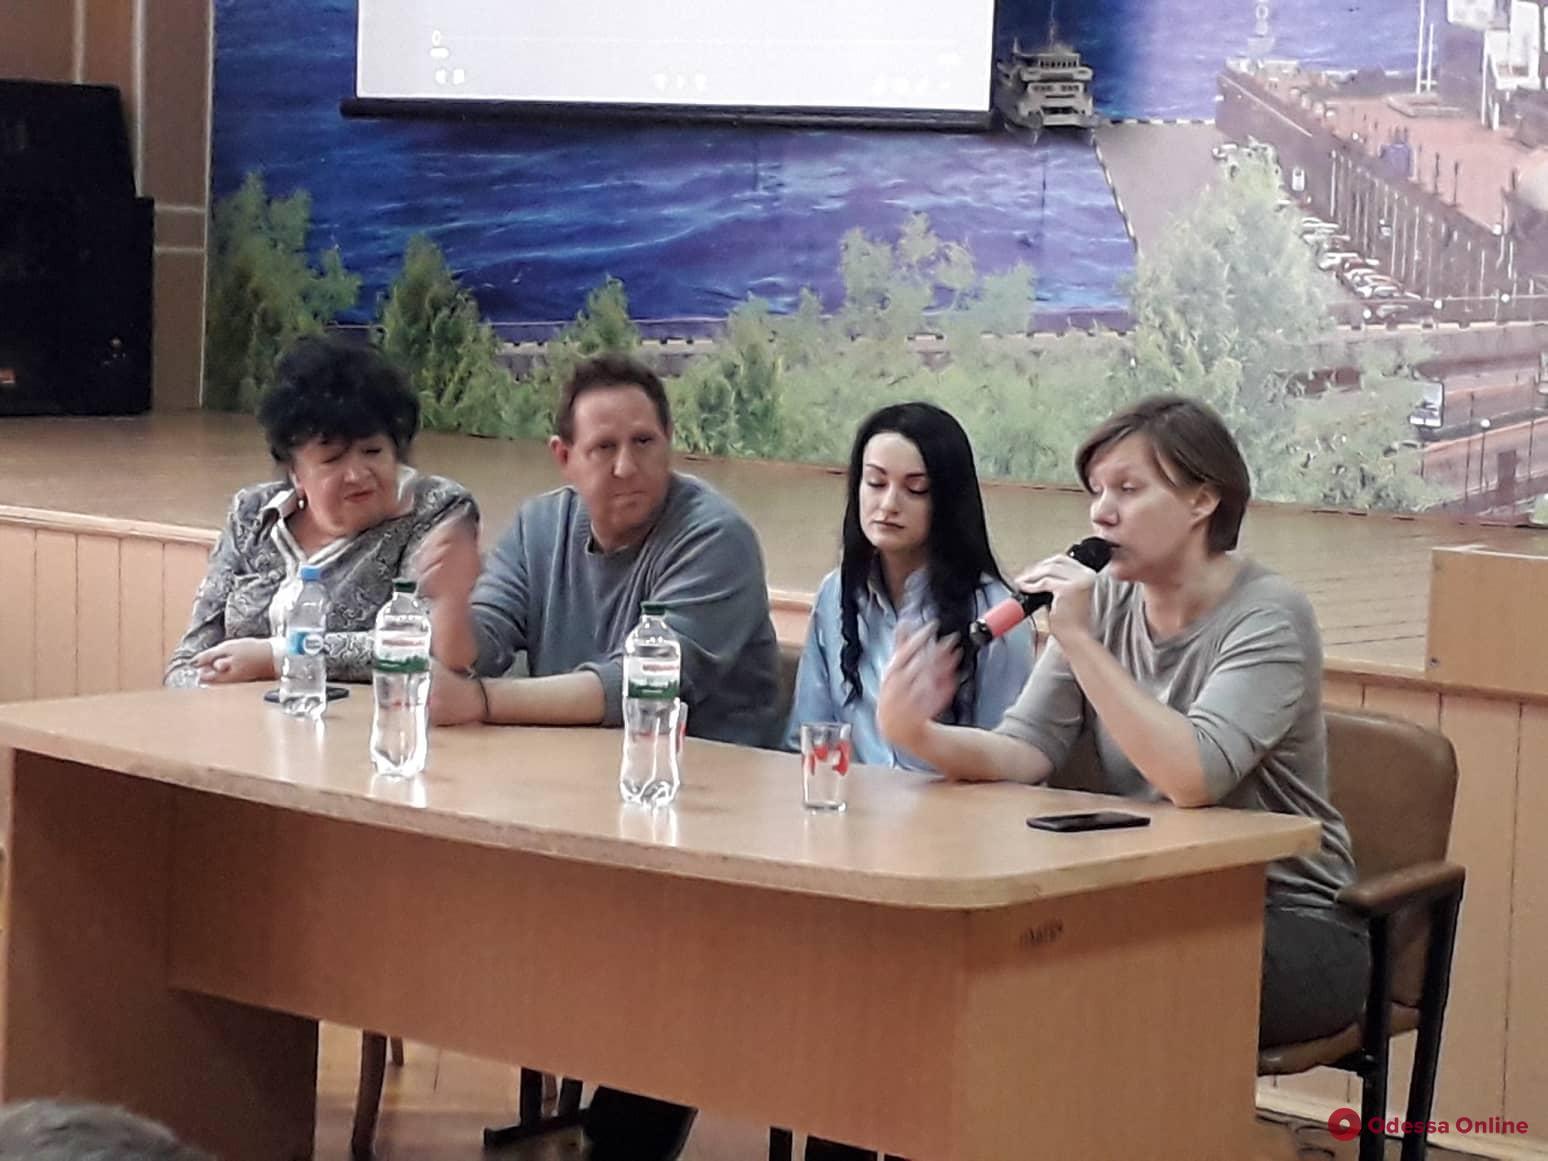 Американский режиссер рассказал одесским школьникам о буллинге (фото, видео)